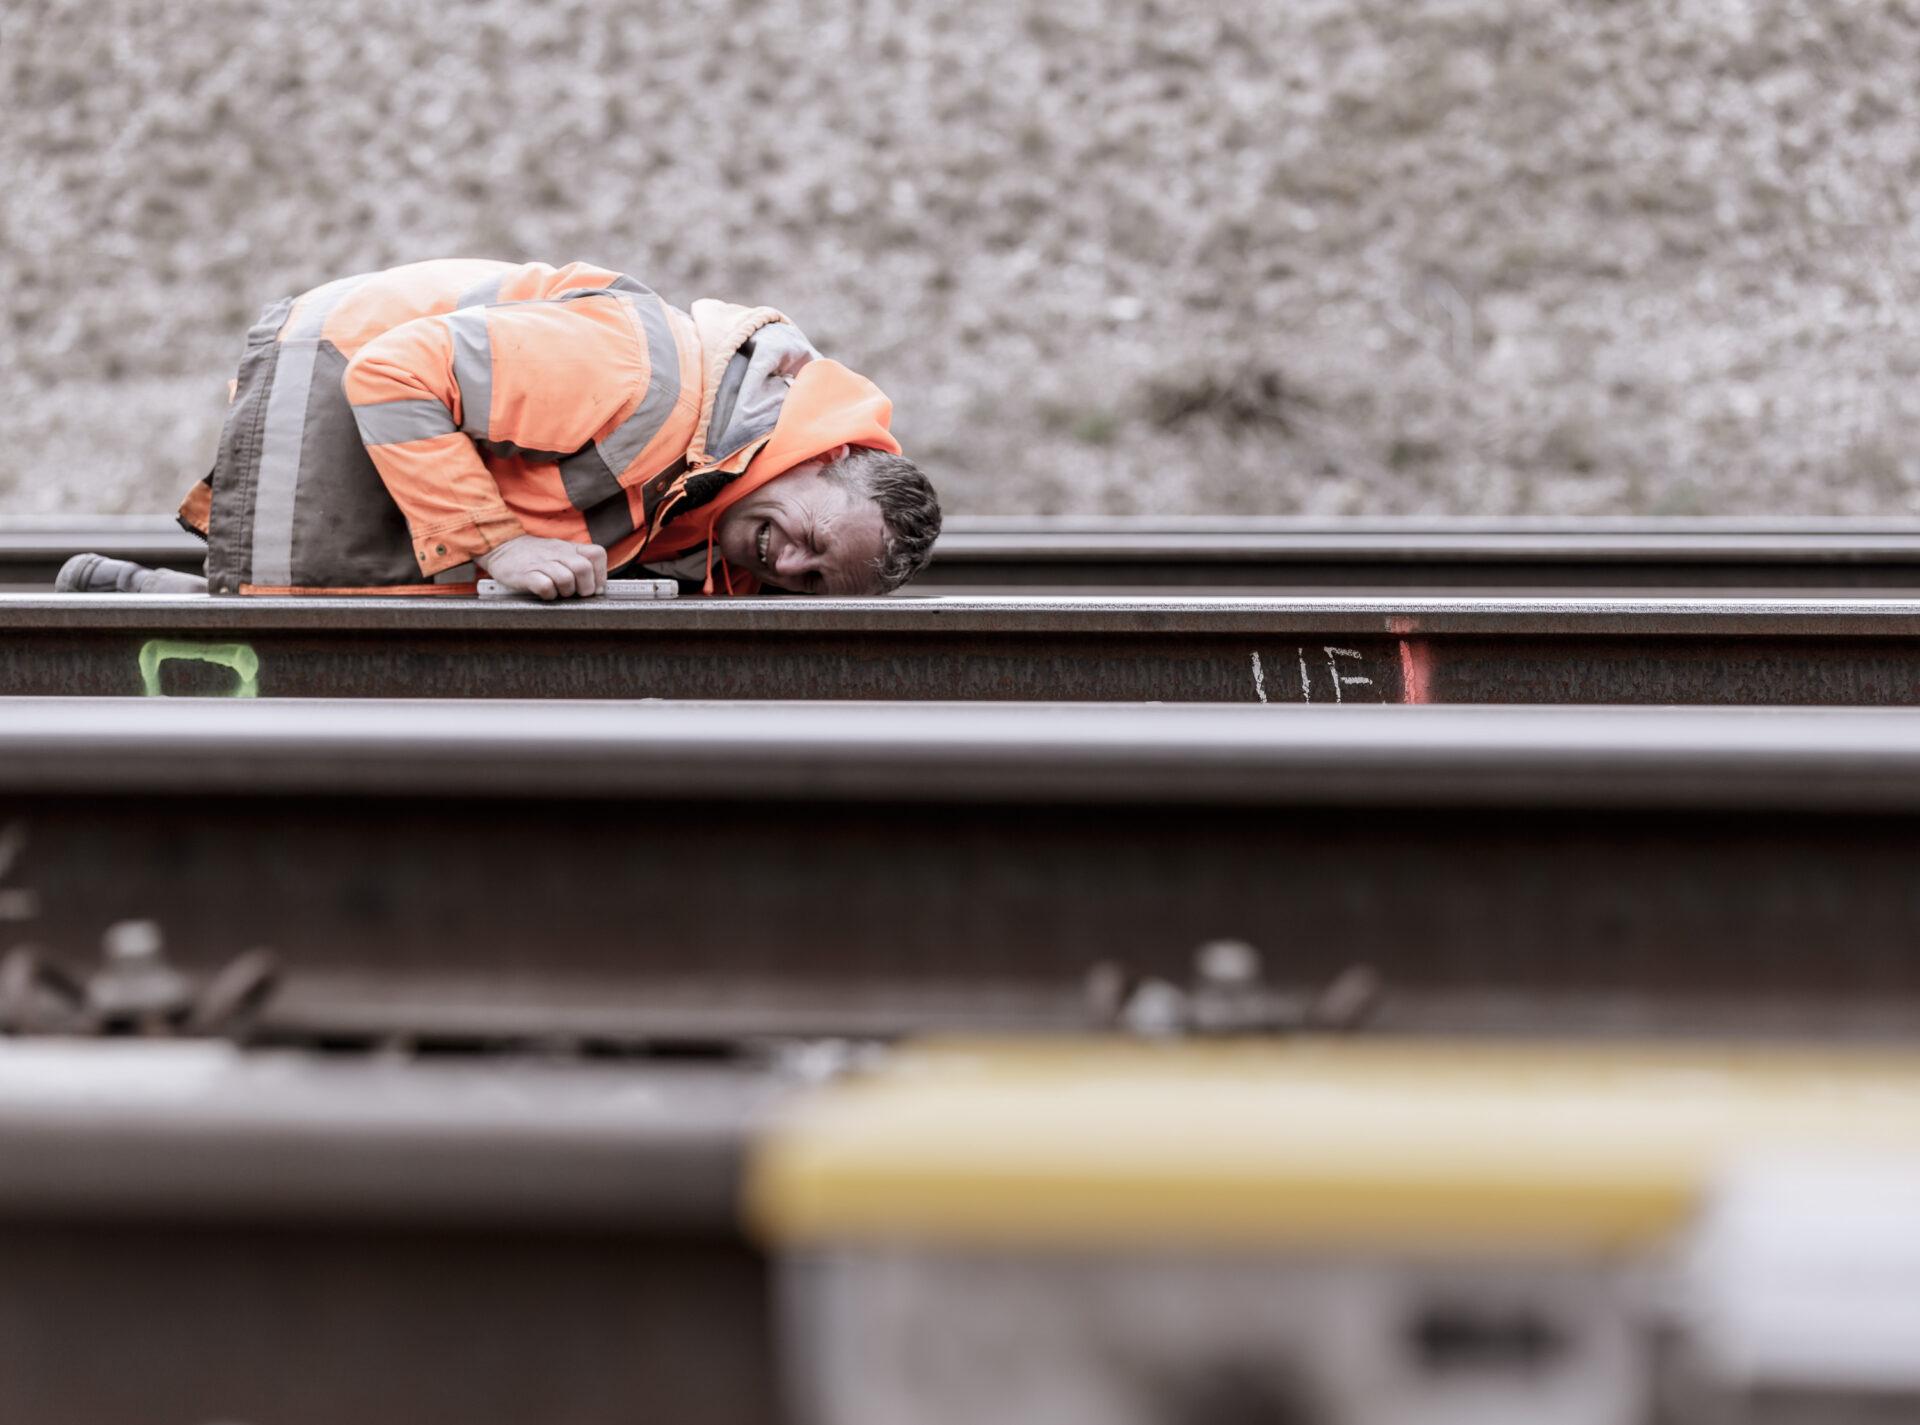 Arbeit, Arbeiter, Bahn, Bahntechnik, FES, FES Bahntechnik, Gleisbau, Mitarbeiter, Portfolio, Porträt, Schiene, Zug, arbeiten, baustelle, technik